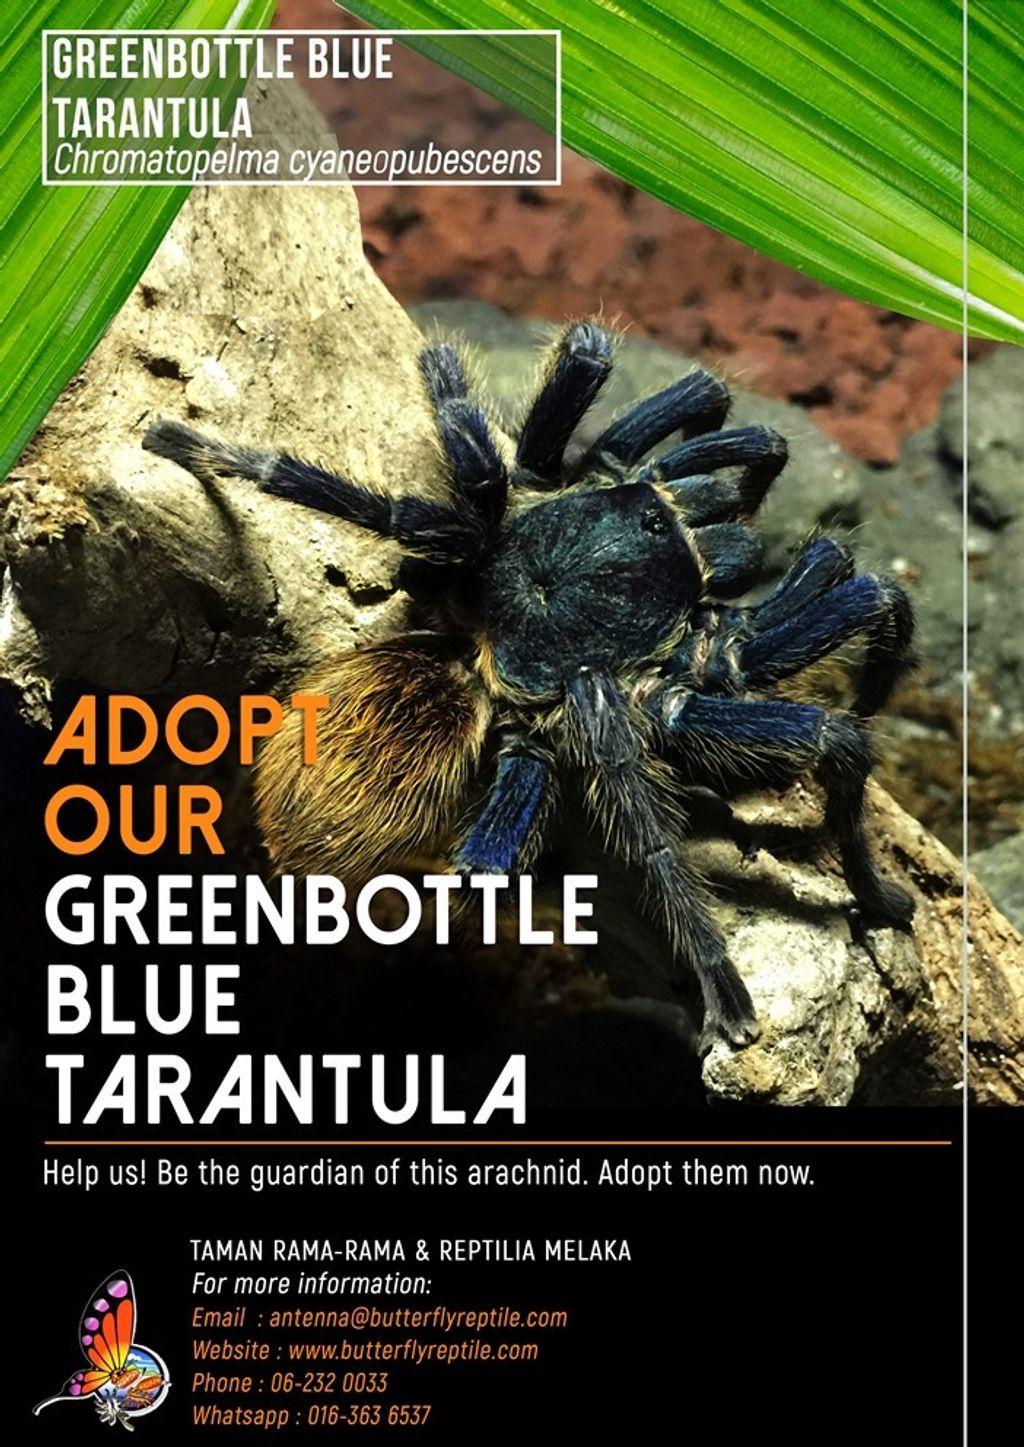 Tarantula i.jpg